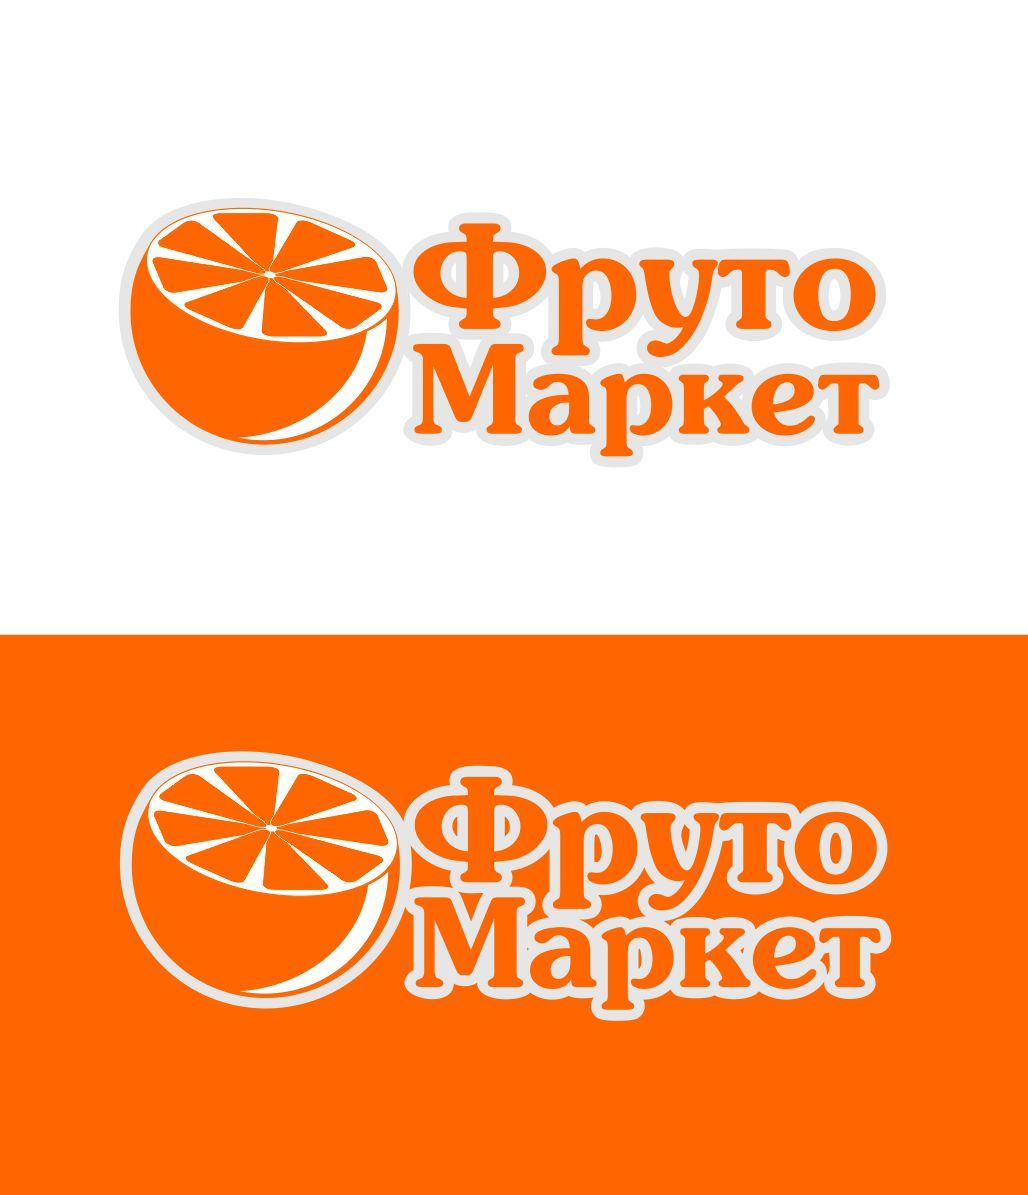 Логотип-вывеска фруктово-овощных магазинов премиум - дизайнер Valentin1982